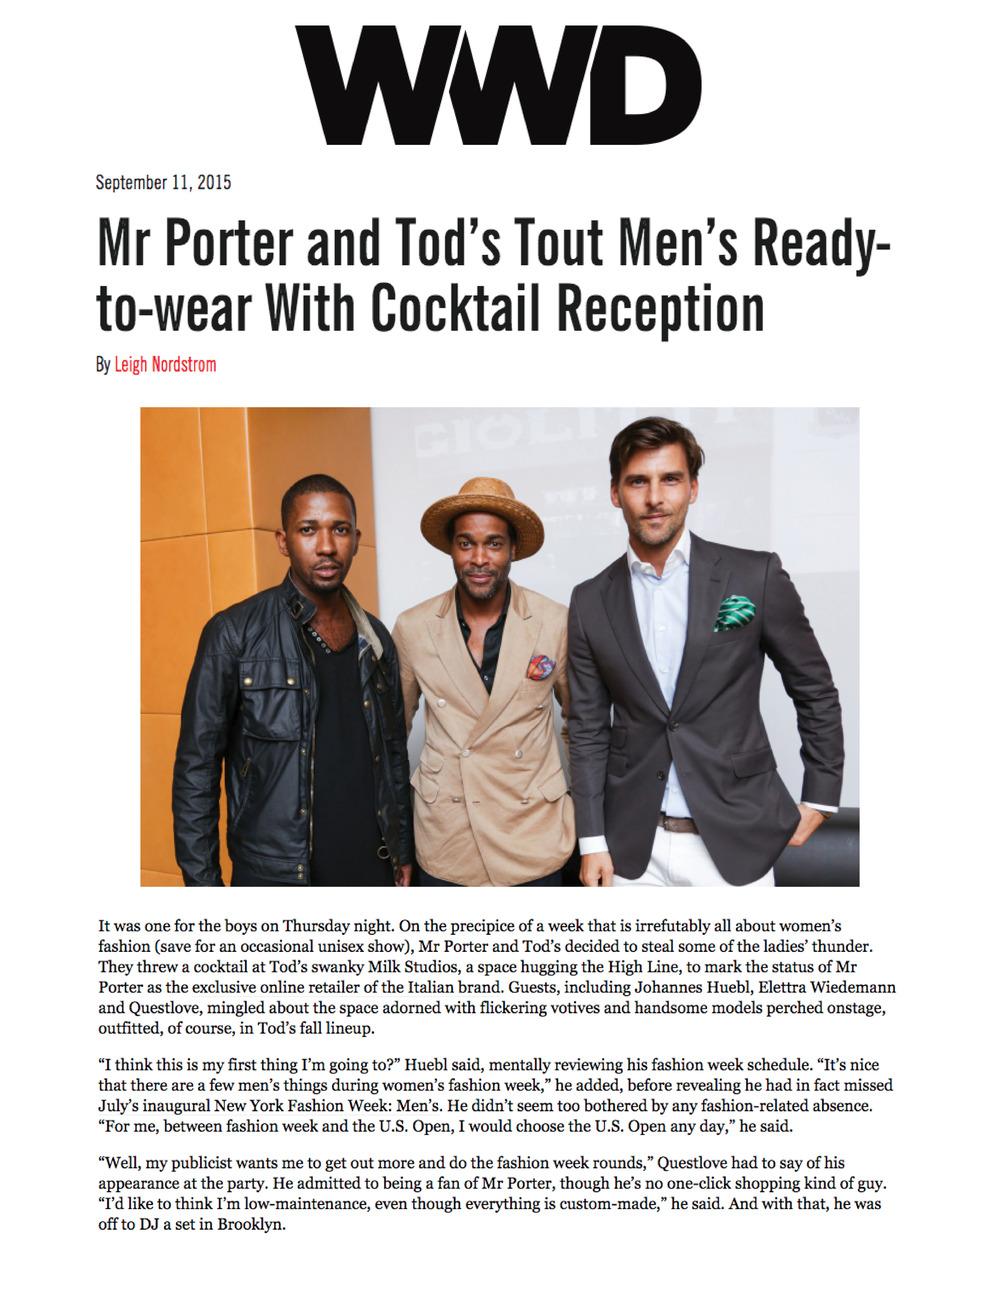 mr porter wwwd.jpg